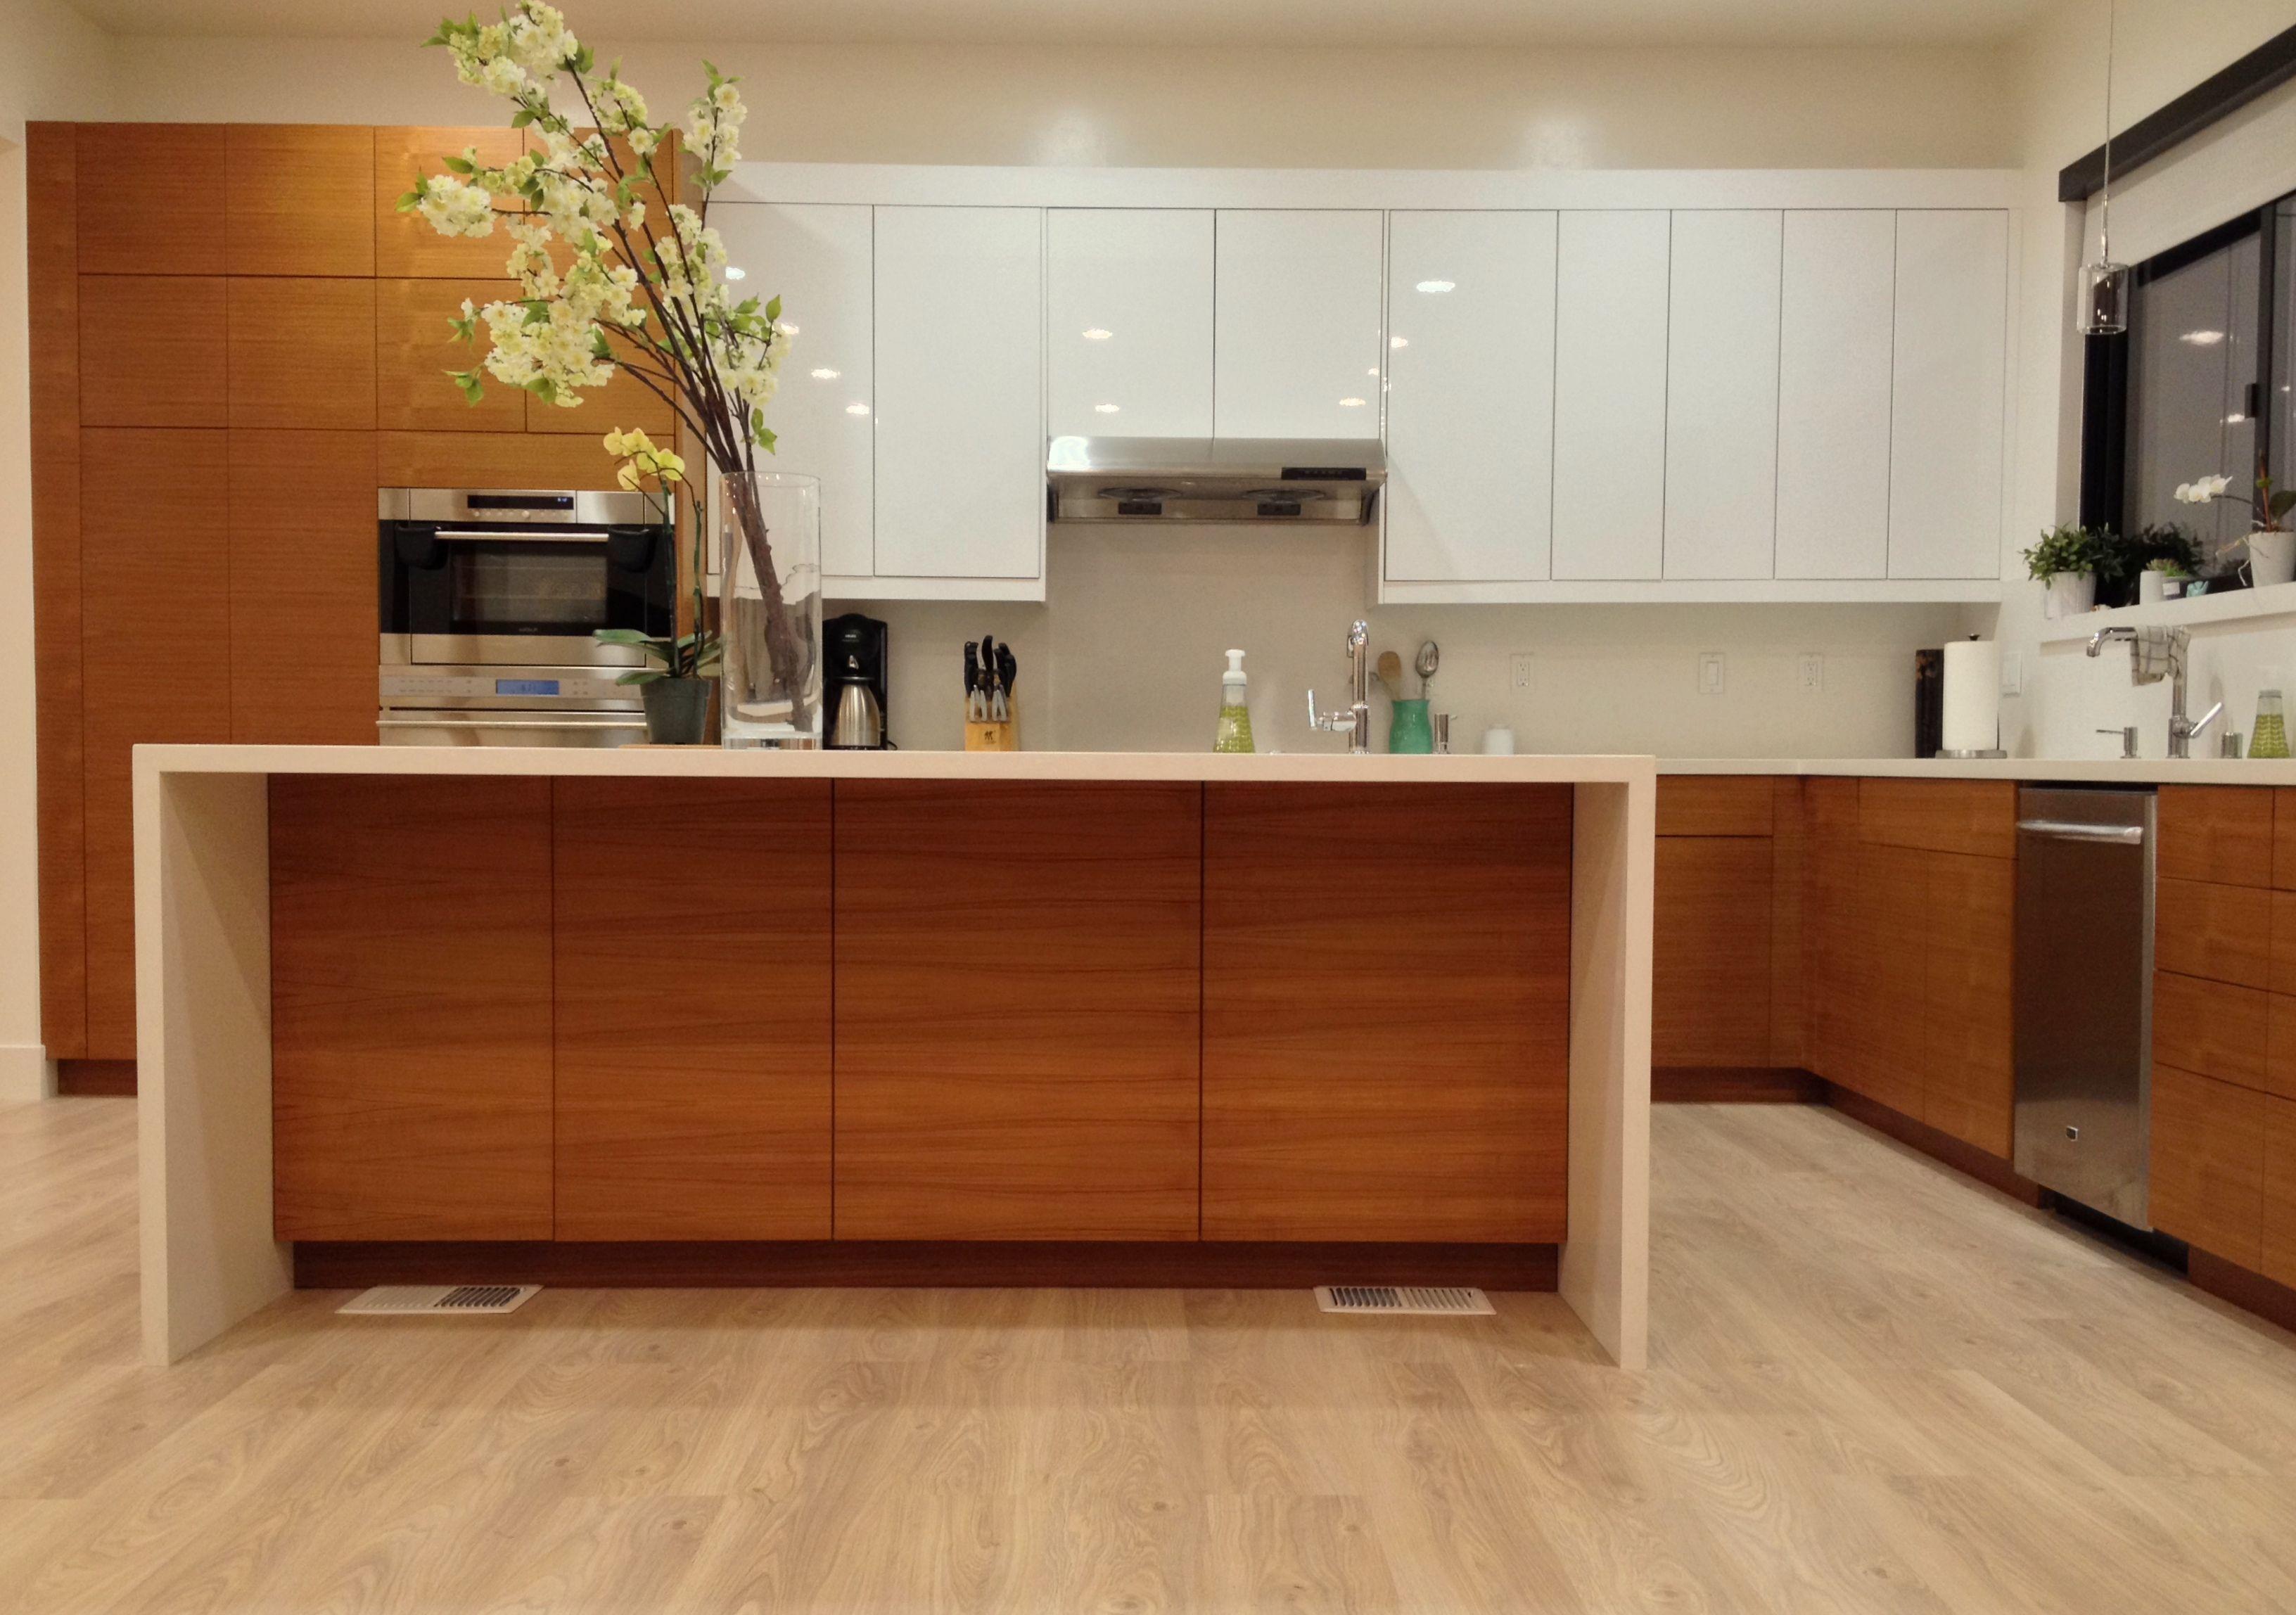 ikea® kitchen with semihandmade rift teak fronts. | kitchen